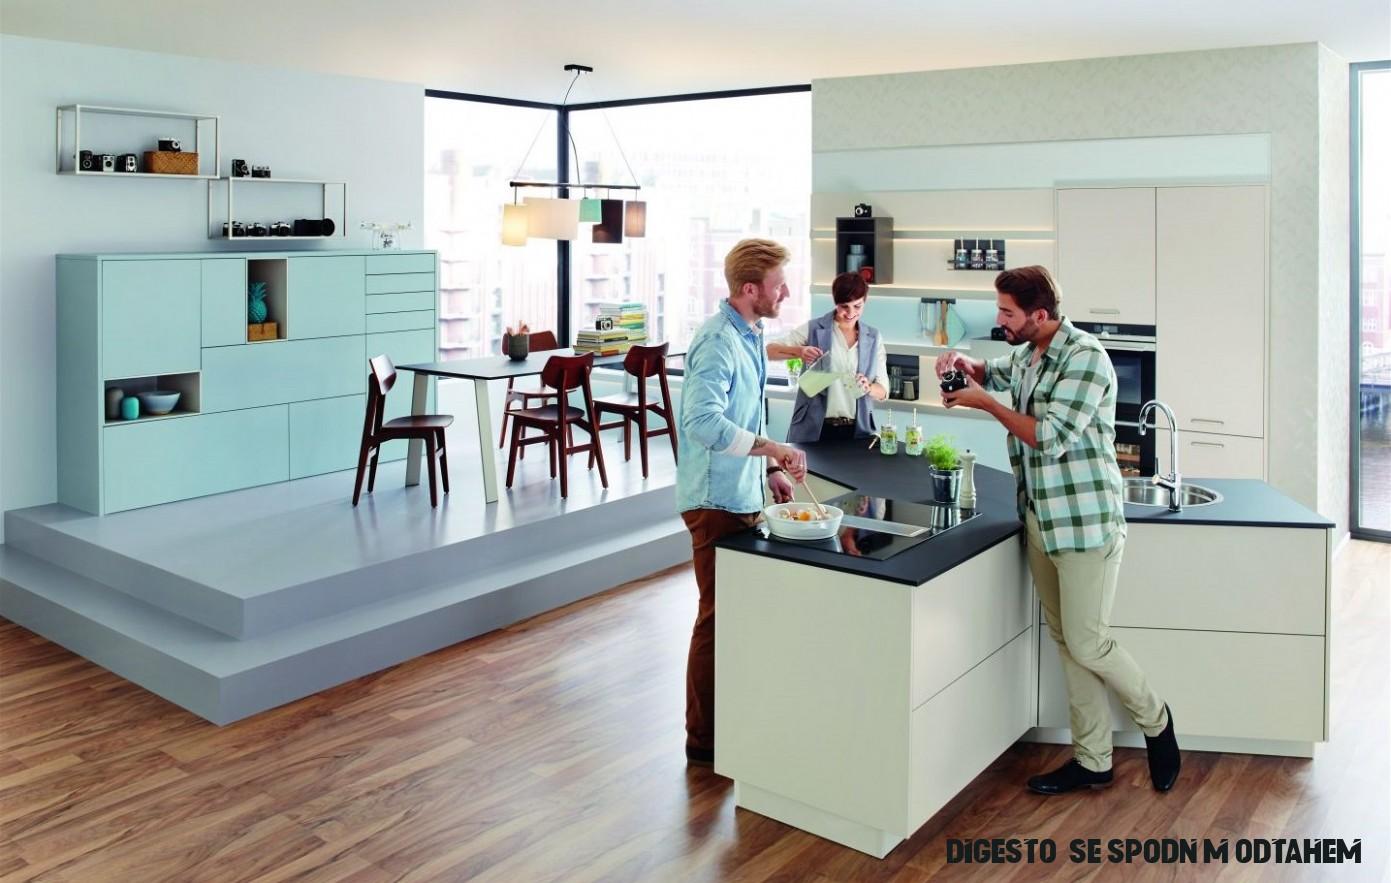 Fotogalerie: Kuchyňský ostrůvek ve tvaru písmene Y je příkladem